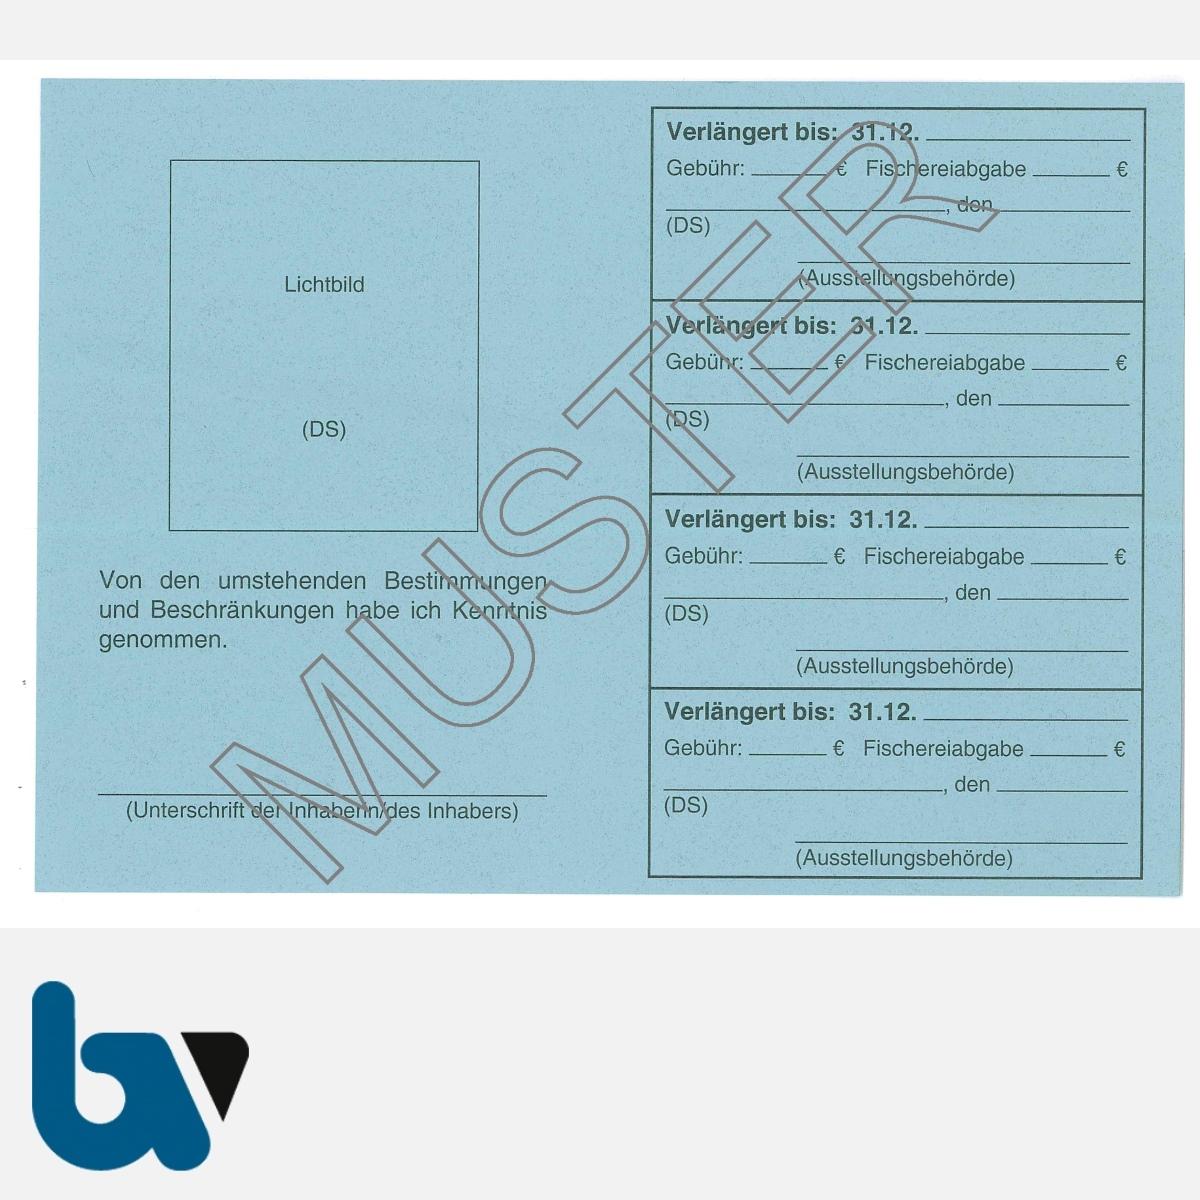 7/456-1 Fischereischein Saarland blau Neobond Muster RS   Borgard Verlag GmbH